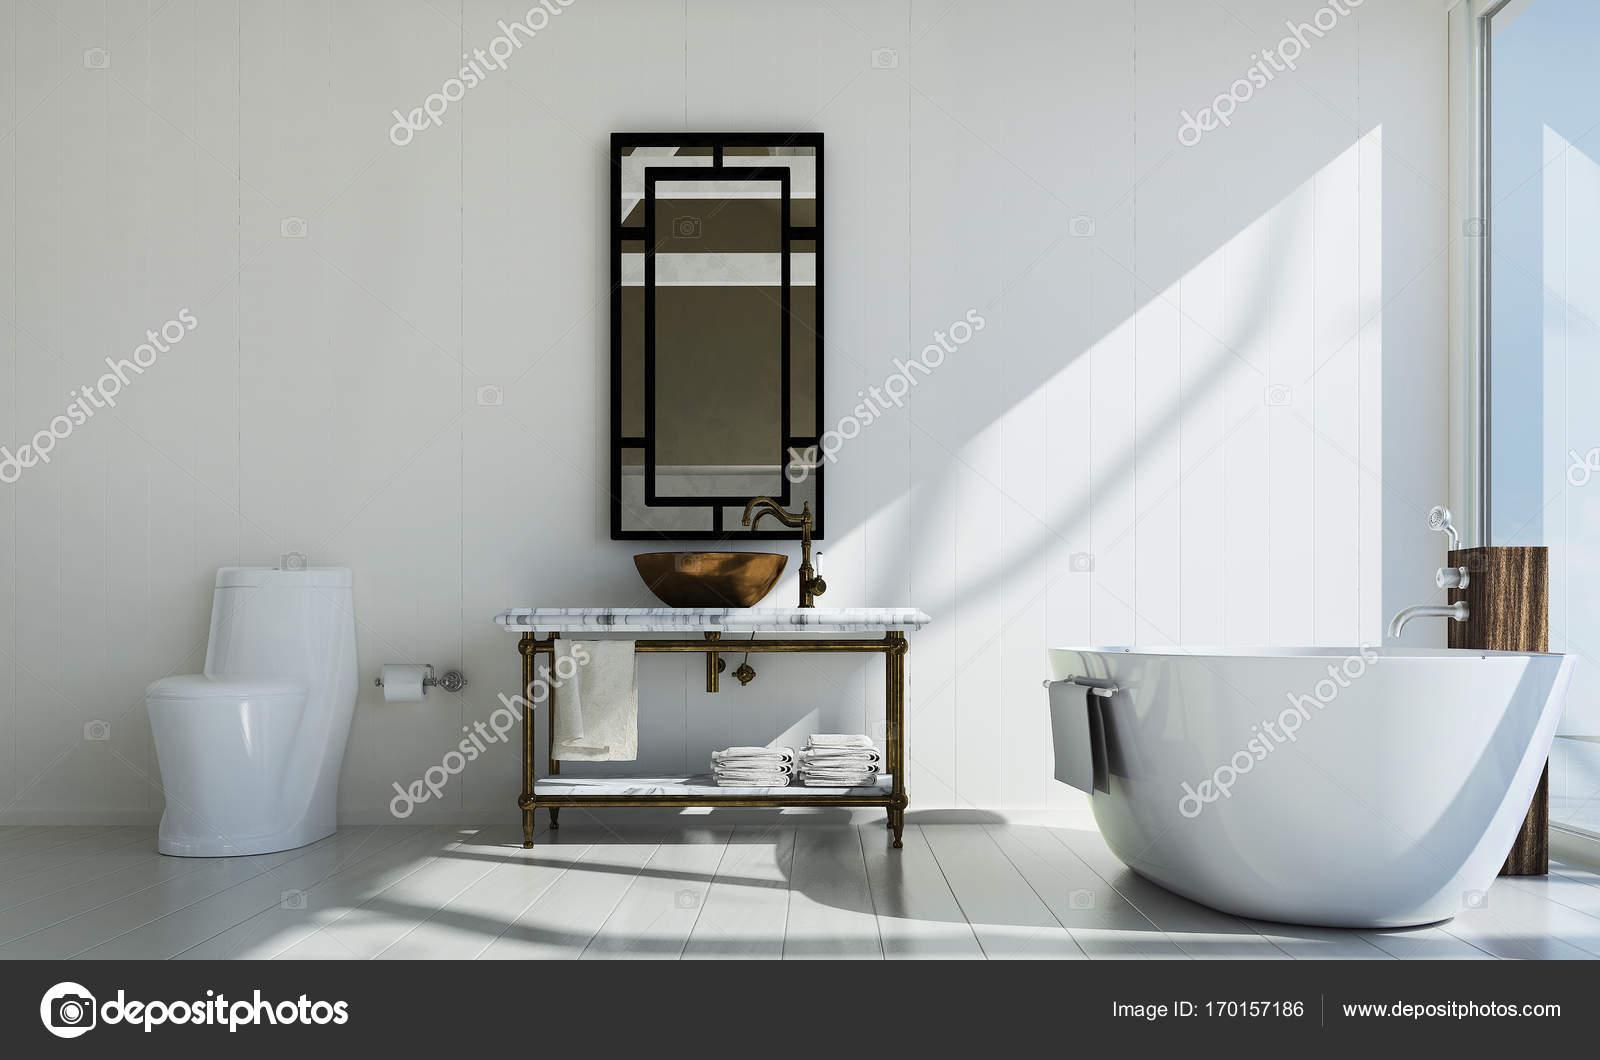 Beton Muur Badkamer : De luxe badkamer interieur en beton muur achtergrond textuur en